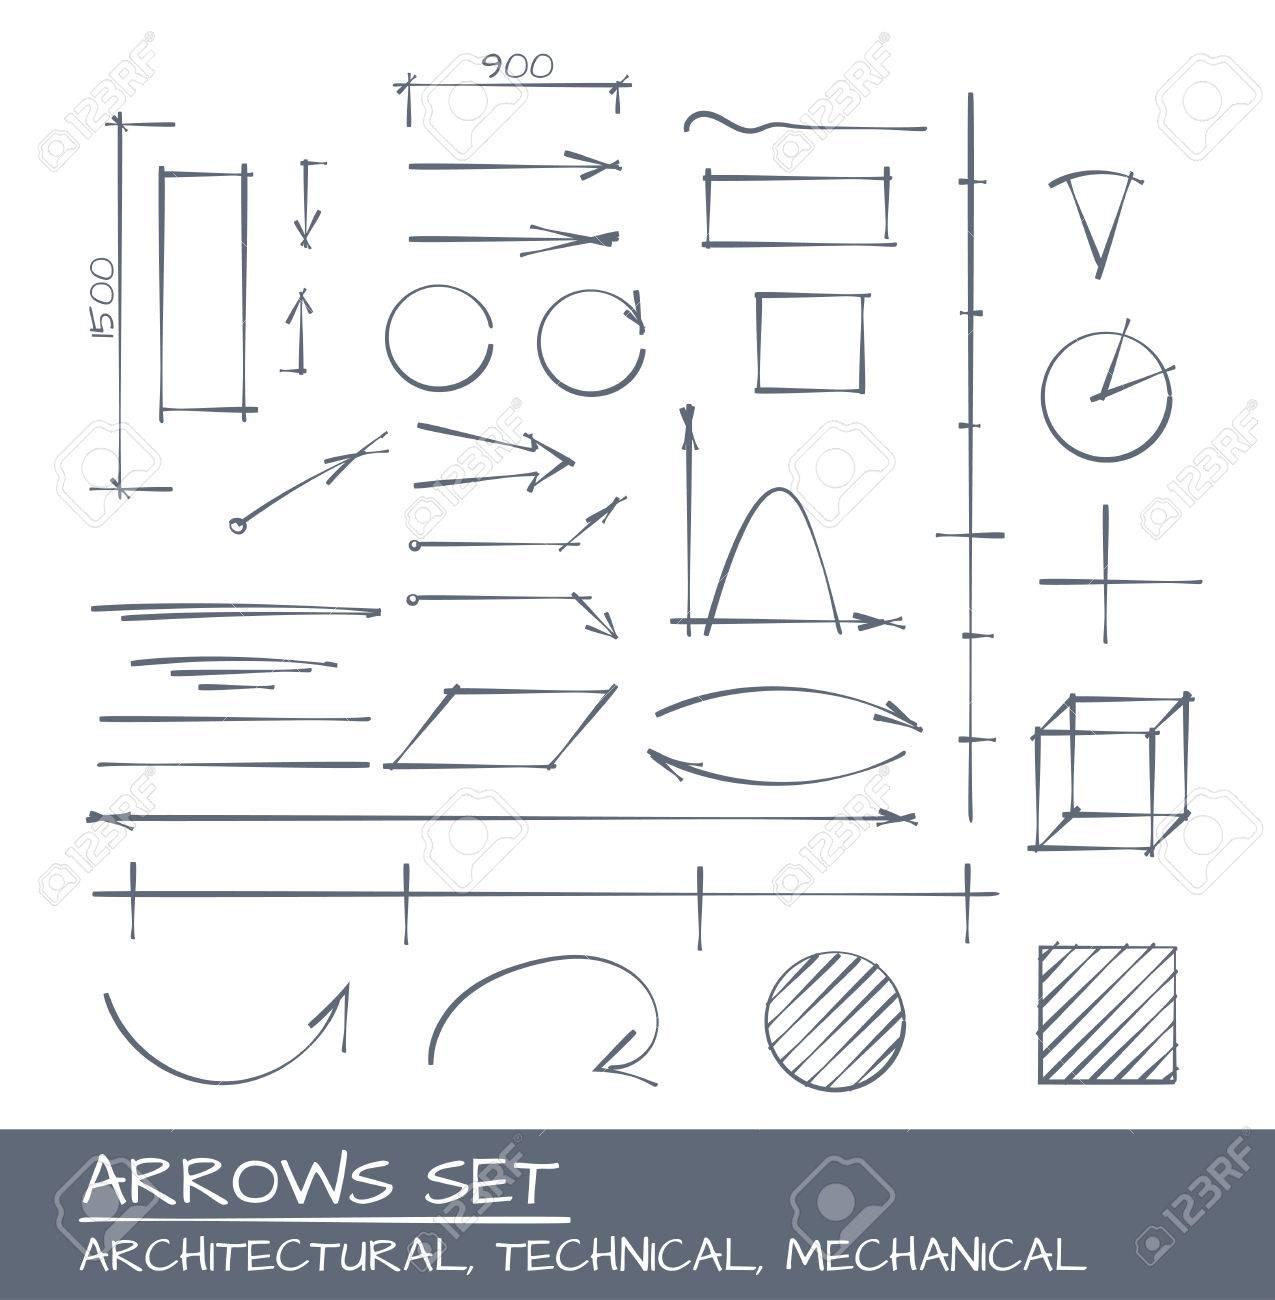 Pfeile Eingestellt, Vektor-Zeichenprogramm Für Mechanische ...